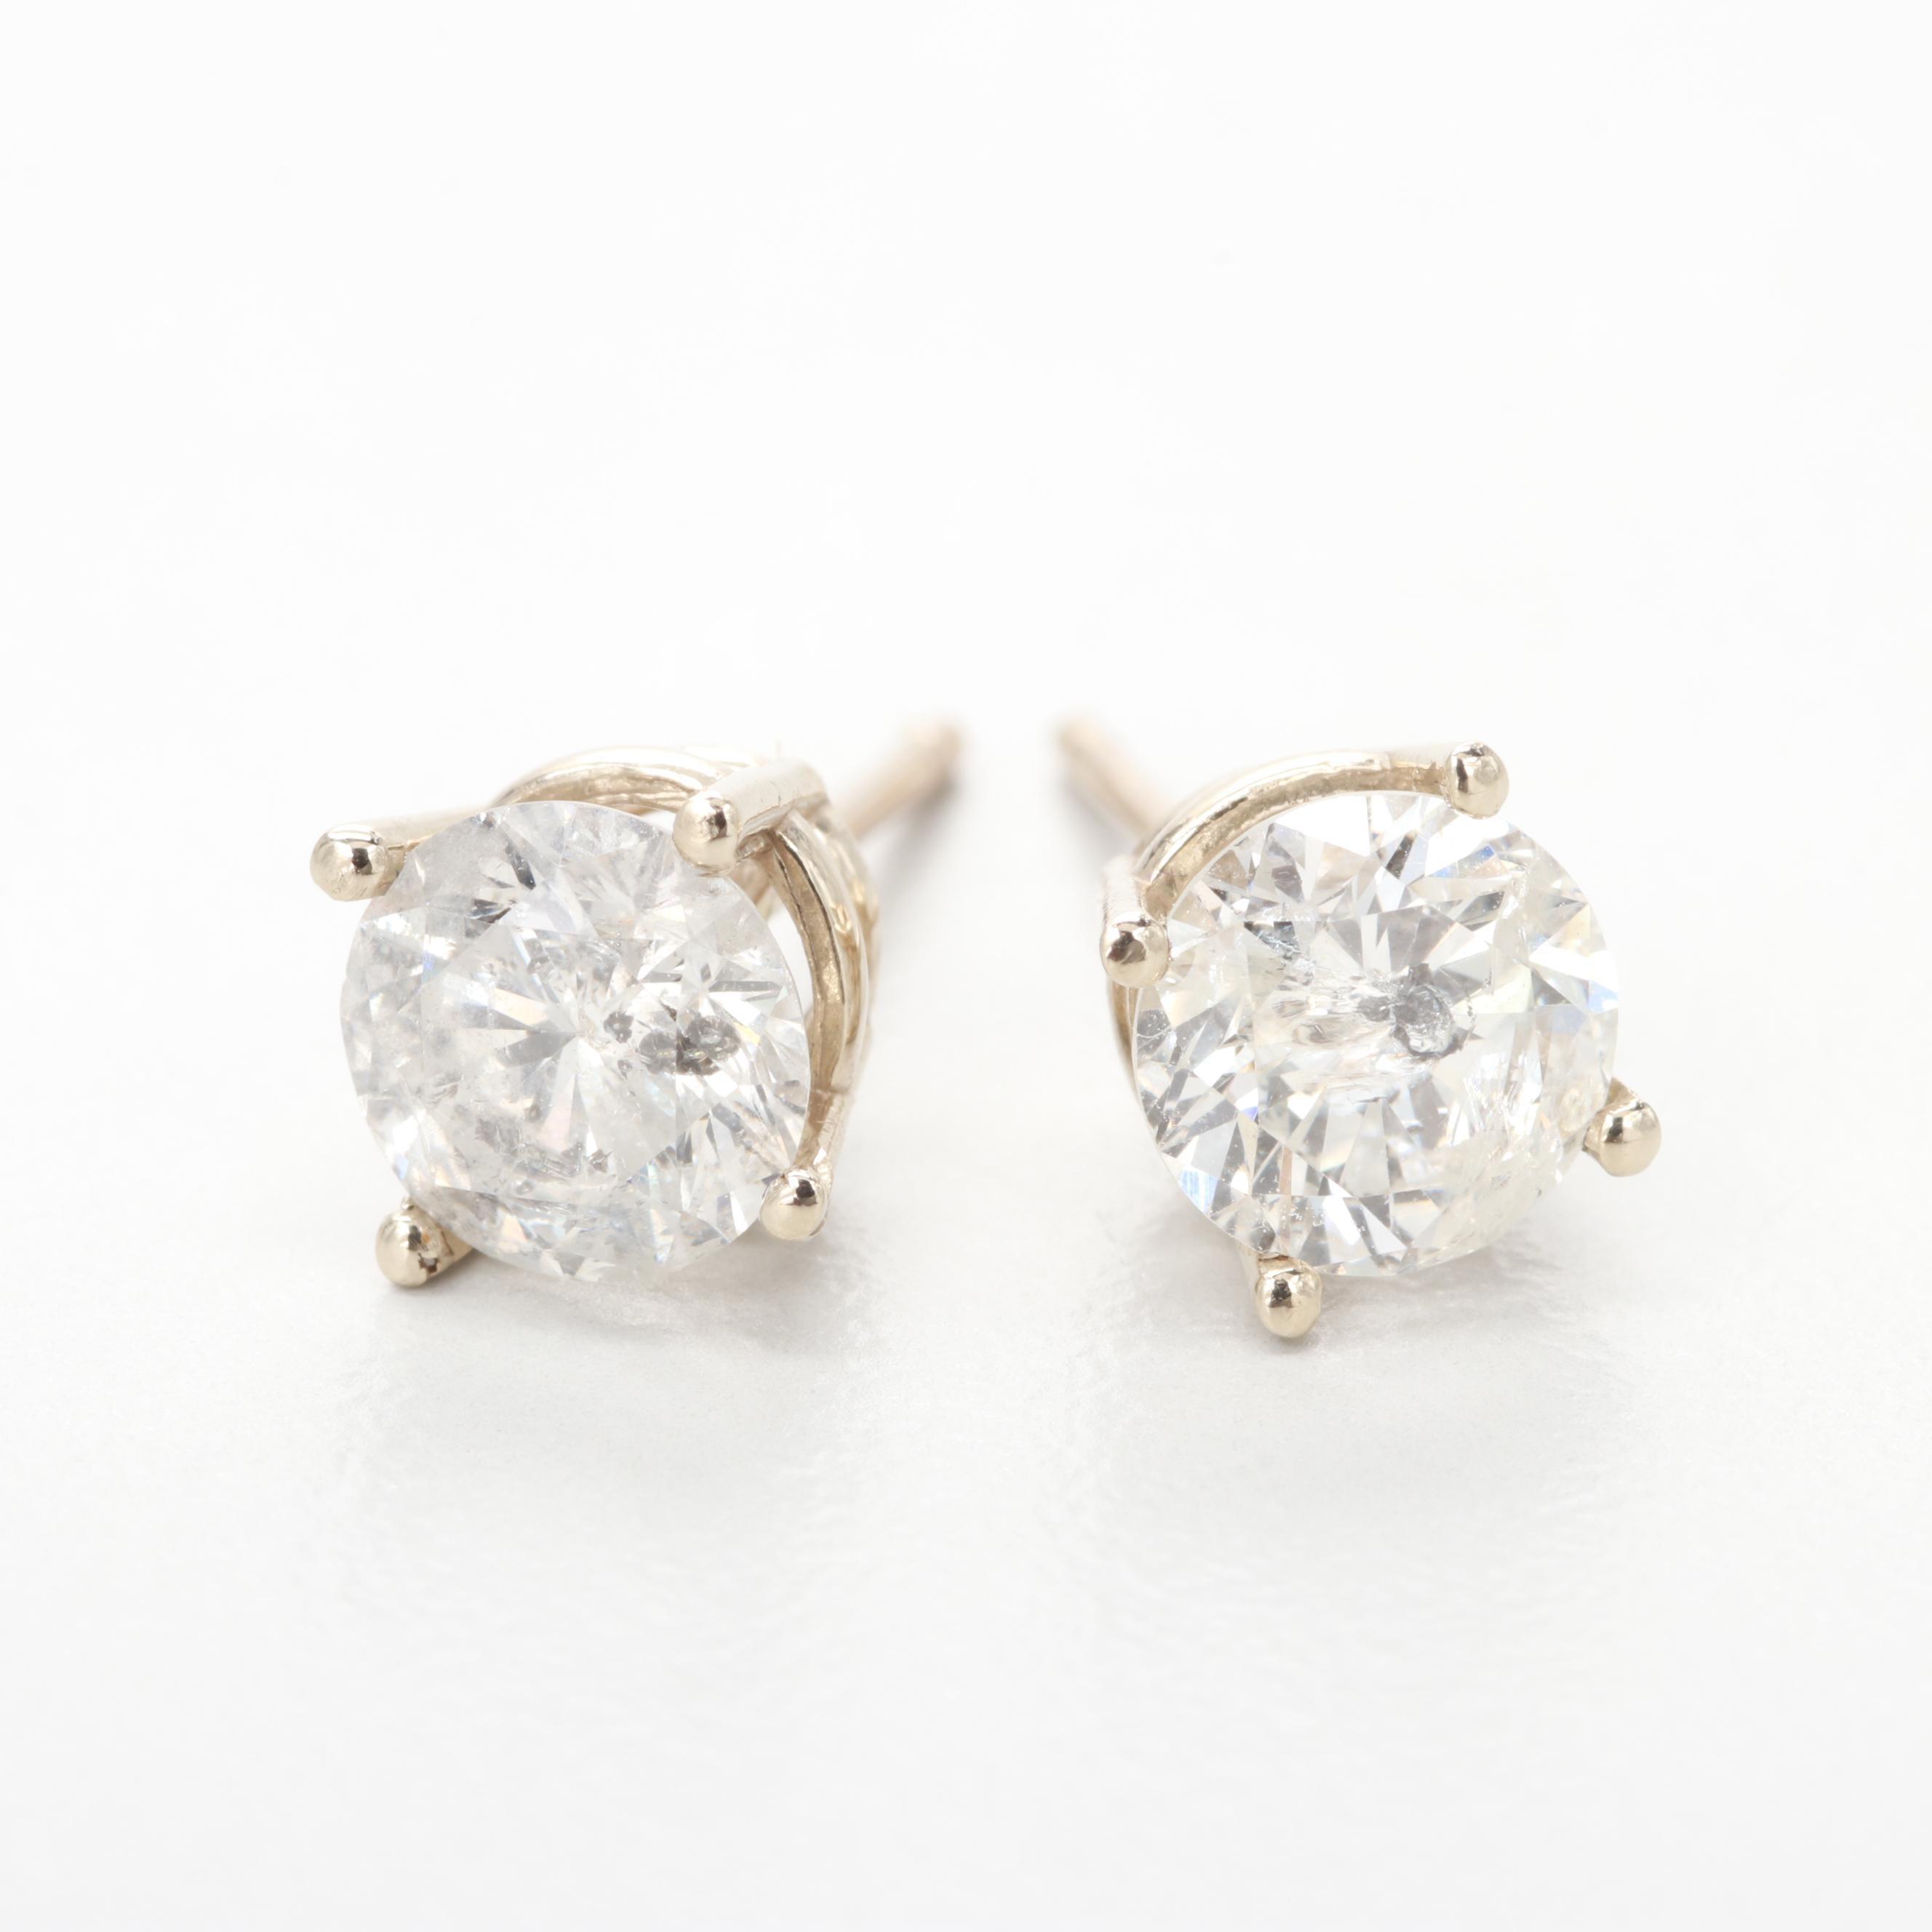 14K White Gold 1.60 CTW Diamond Stud Earrings